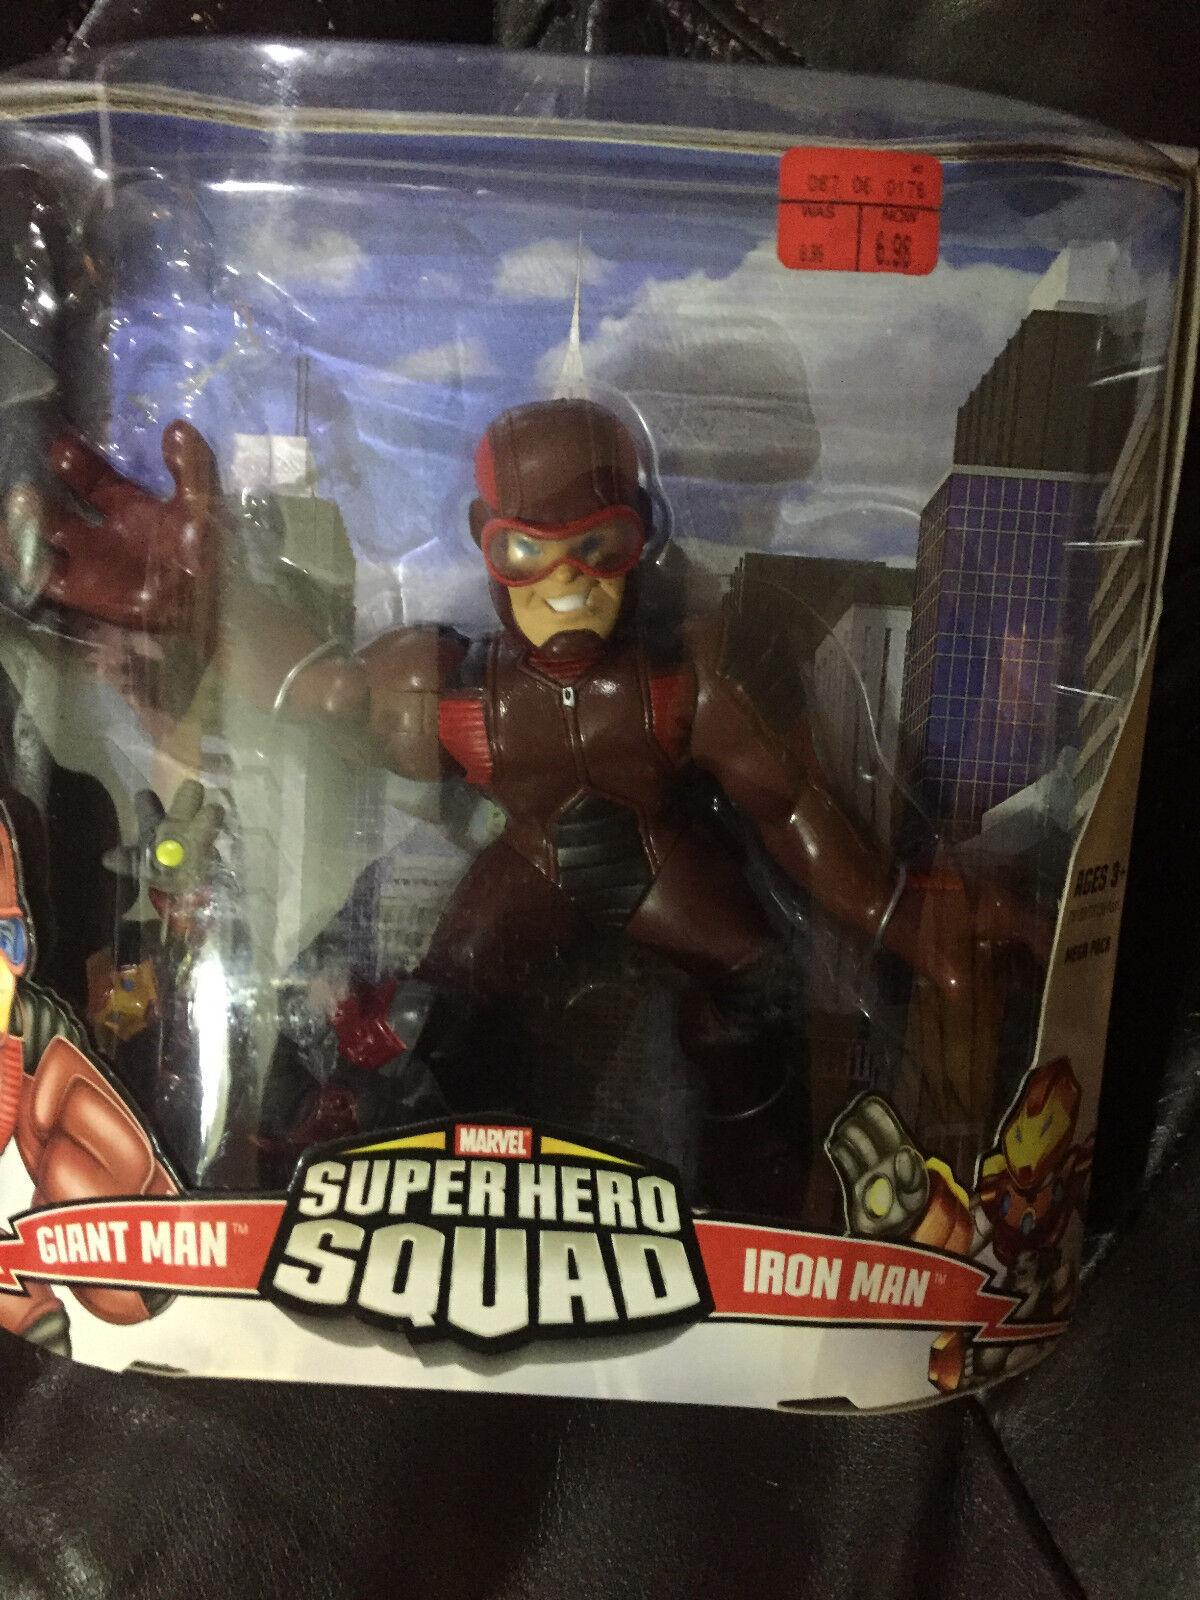 Marvel Super Eroe Squad Gigante Man e Iron Mega Misura Confezione Action Figure